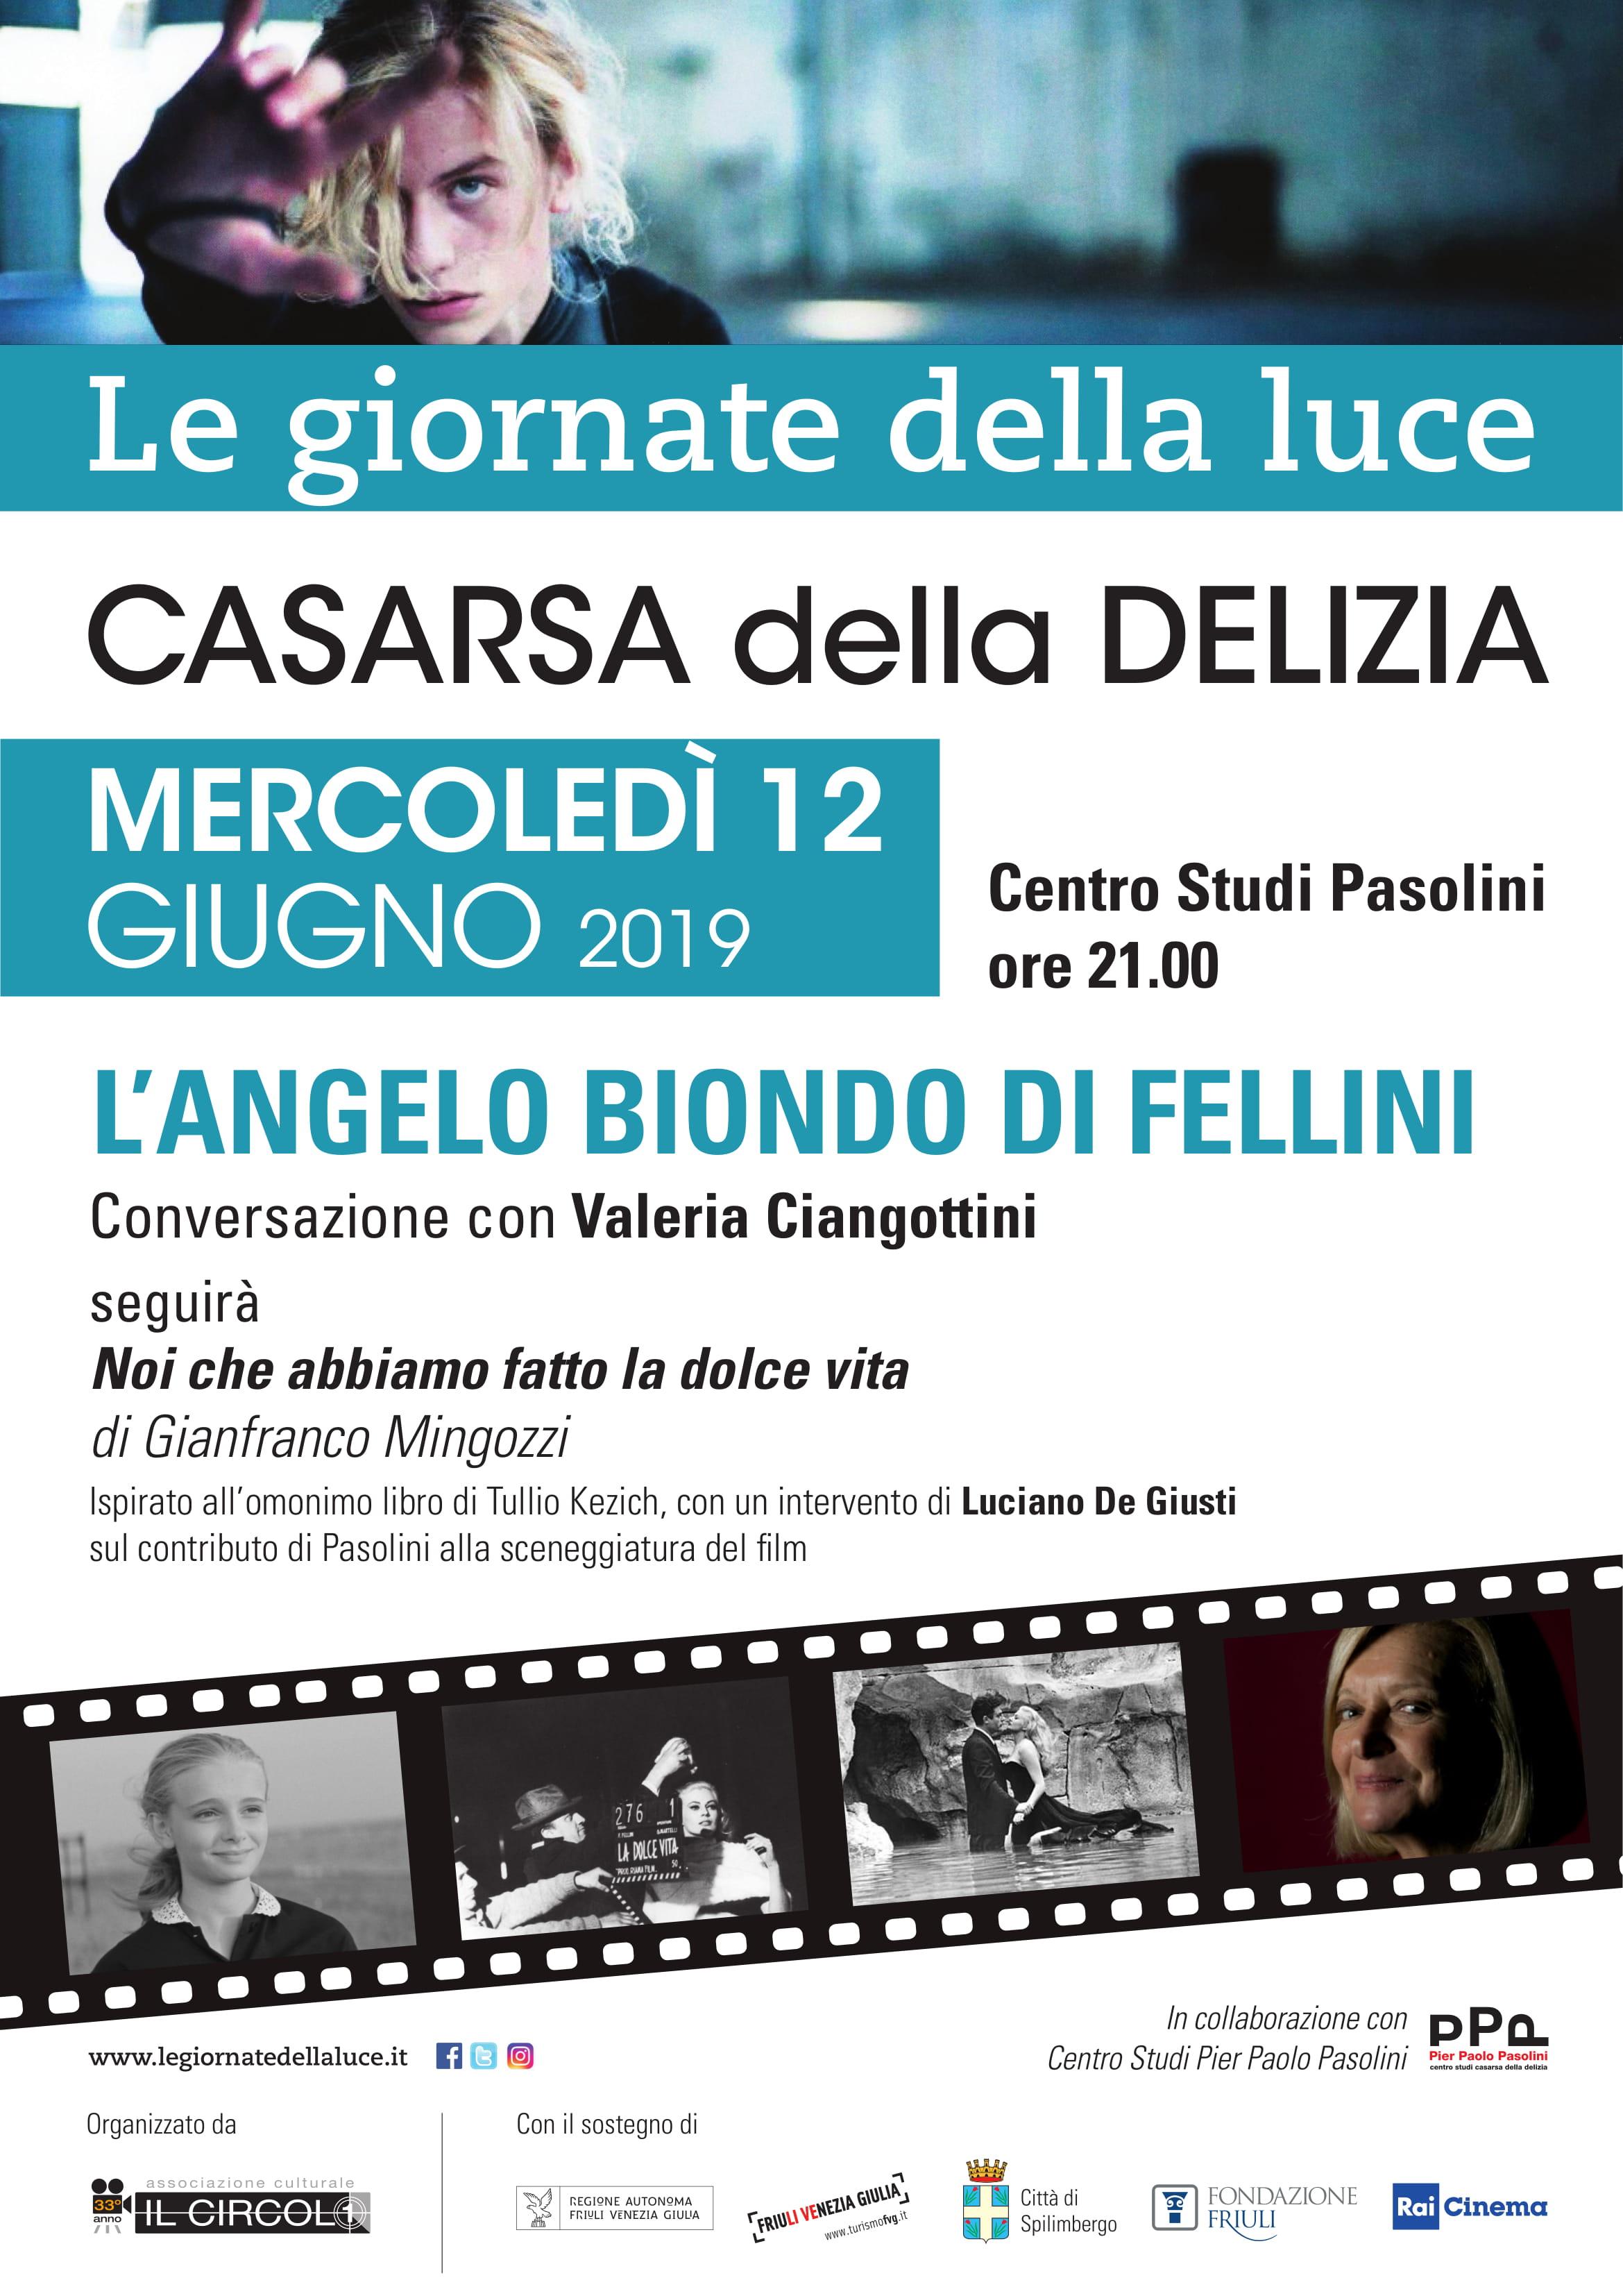 LGDL_Locandina Casarsa-1